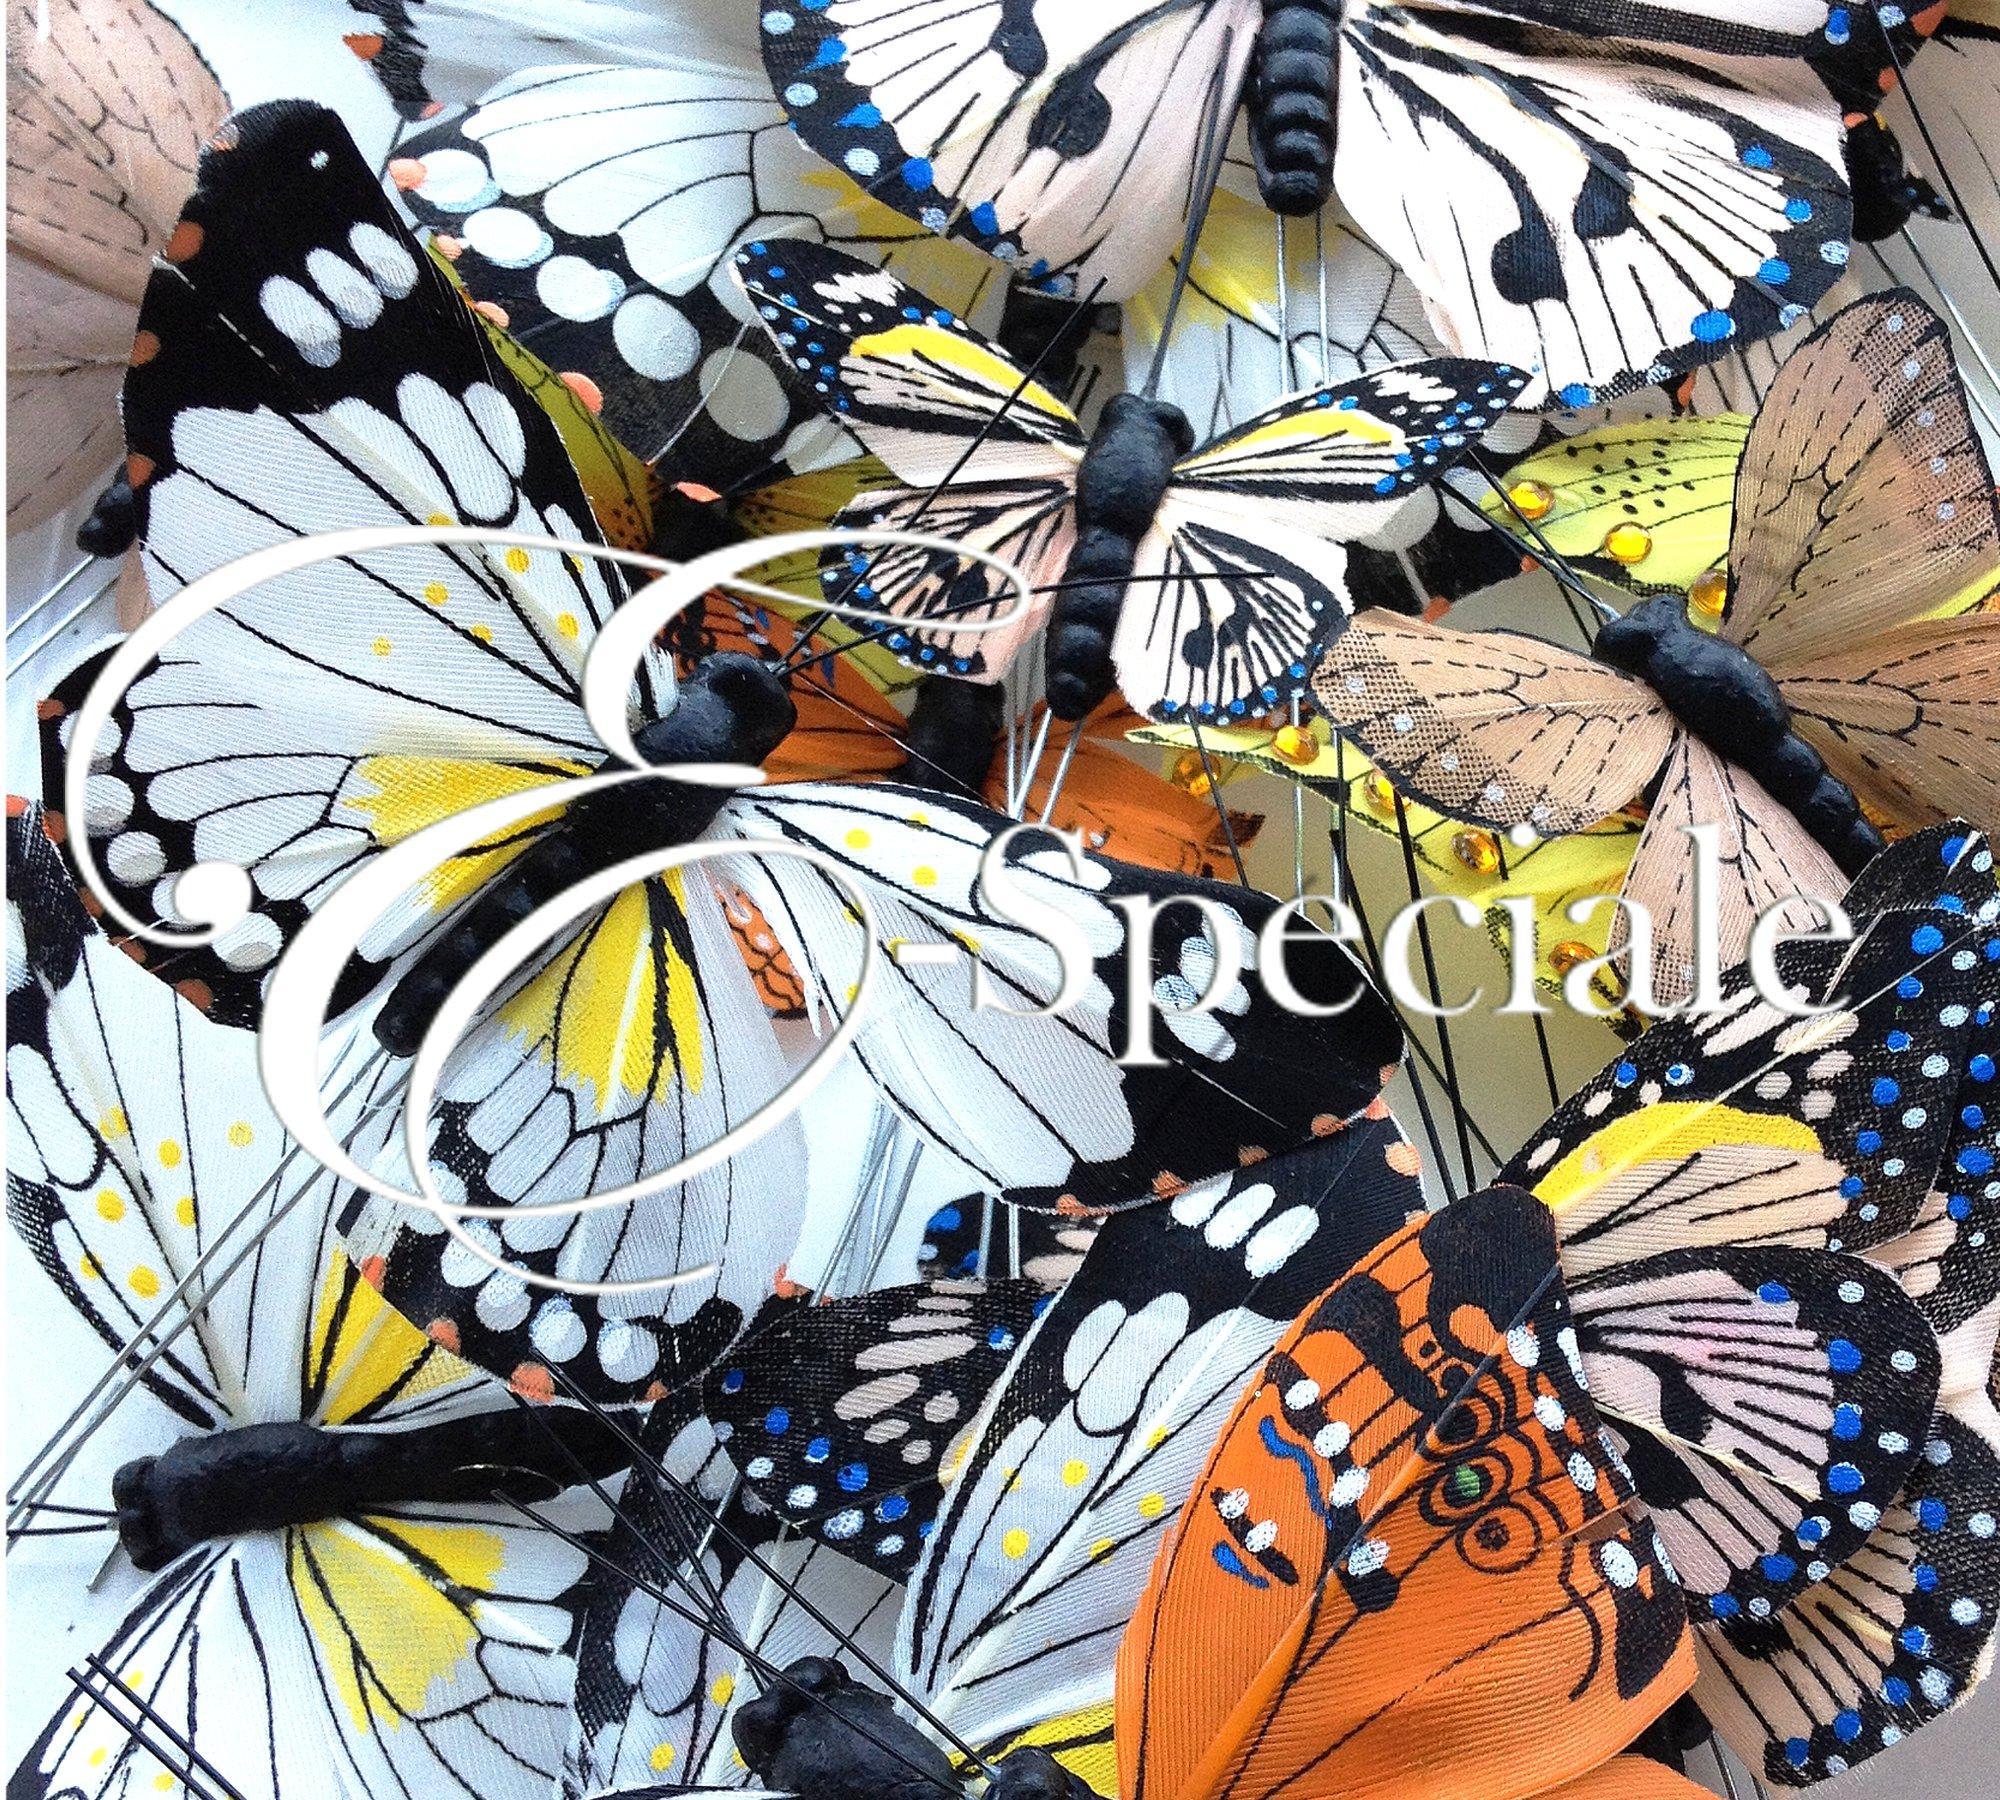 Farfalle decorative 24pz prodotti per addobbi for Farfalle decorative per muri